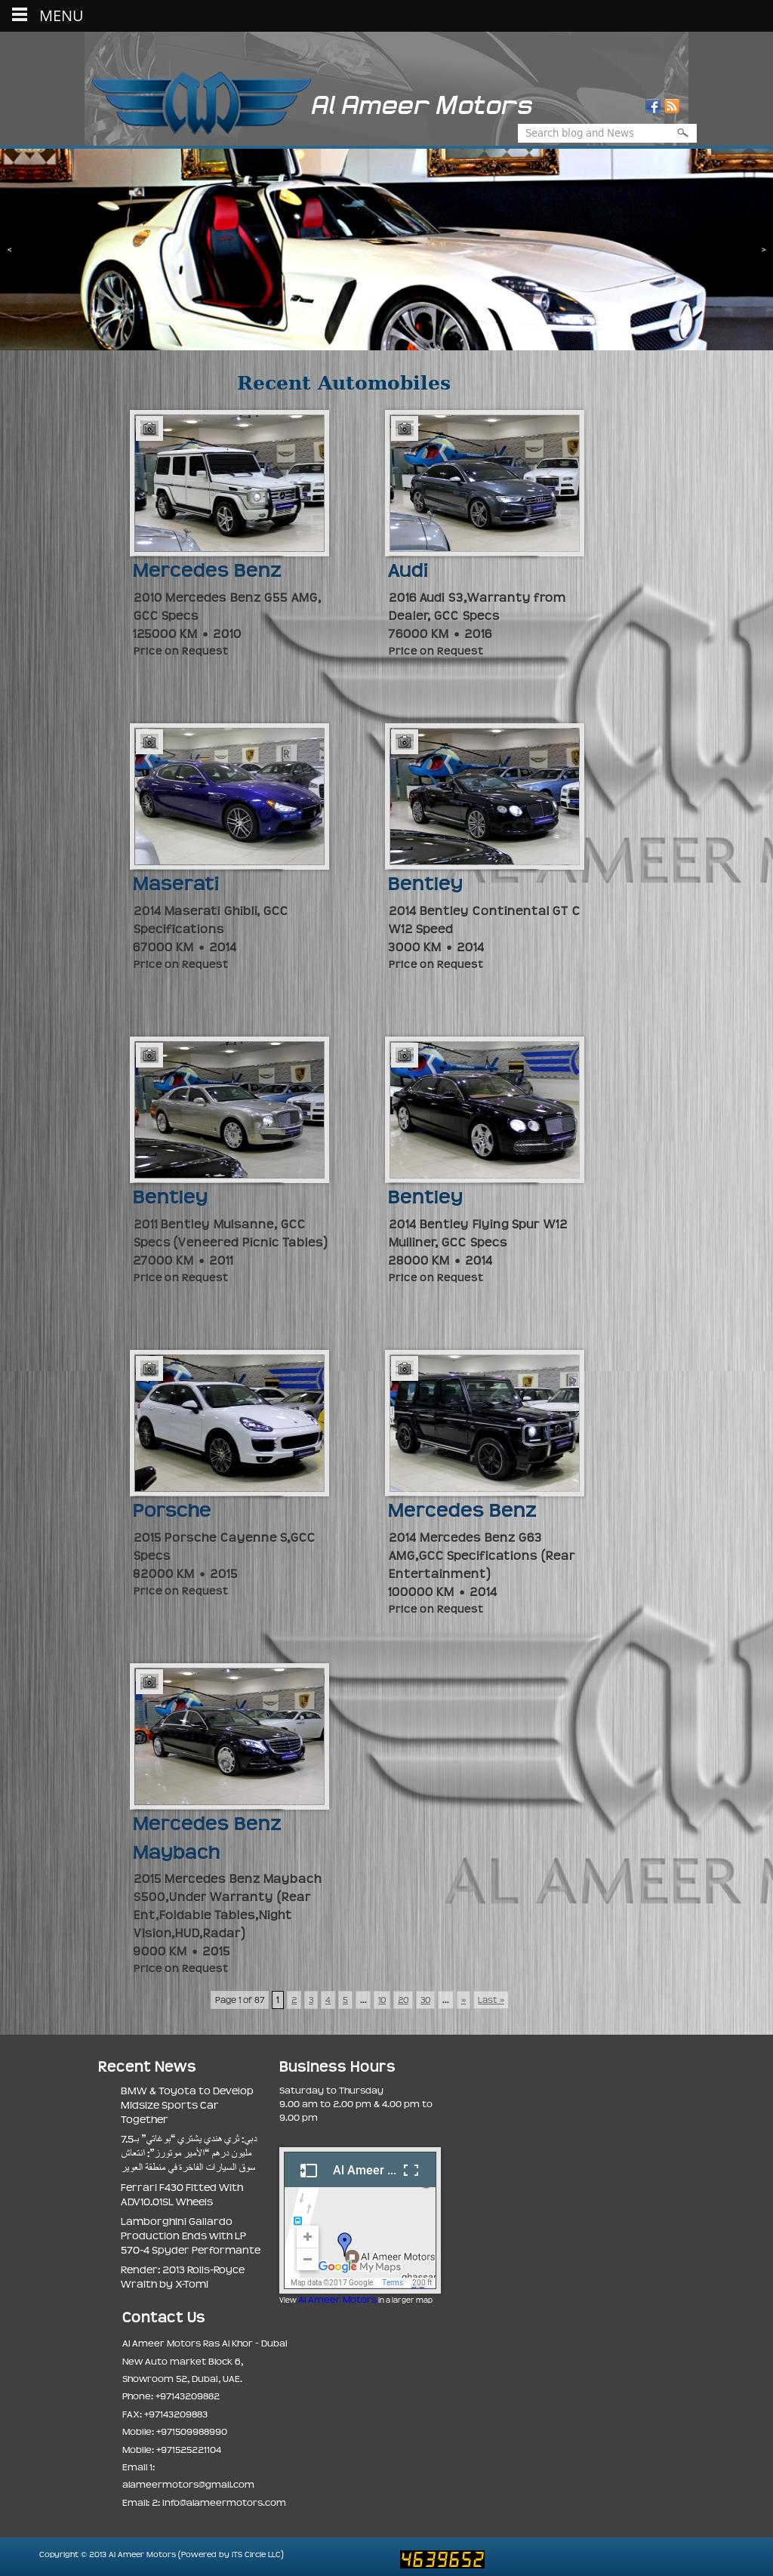 Al Ameer Motors's website screenshot on Feb 2017